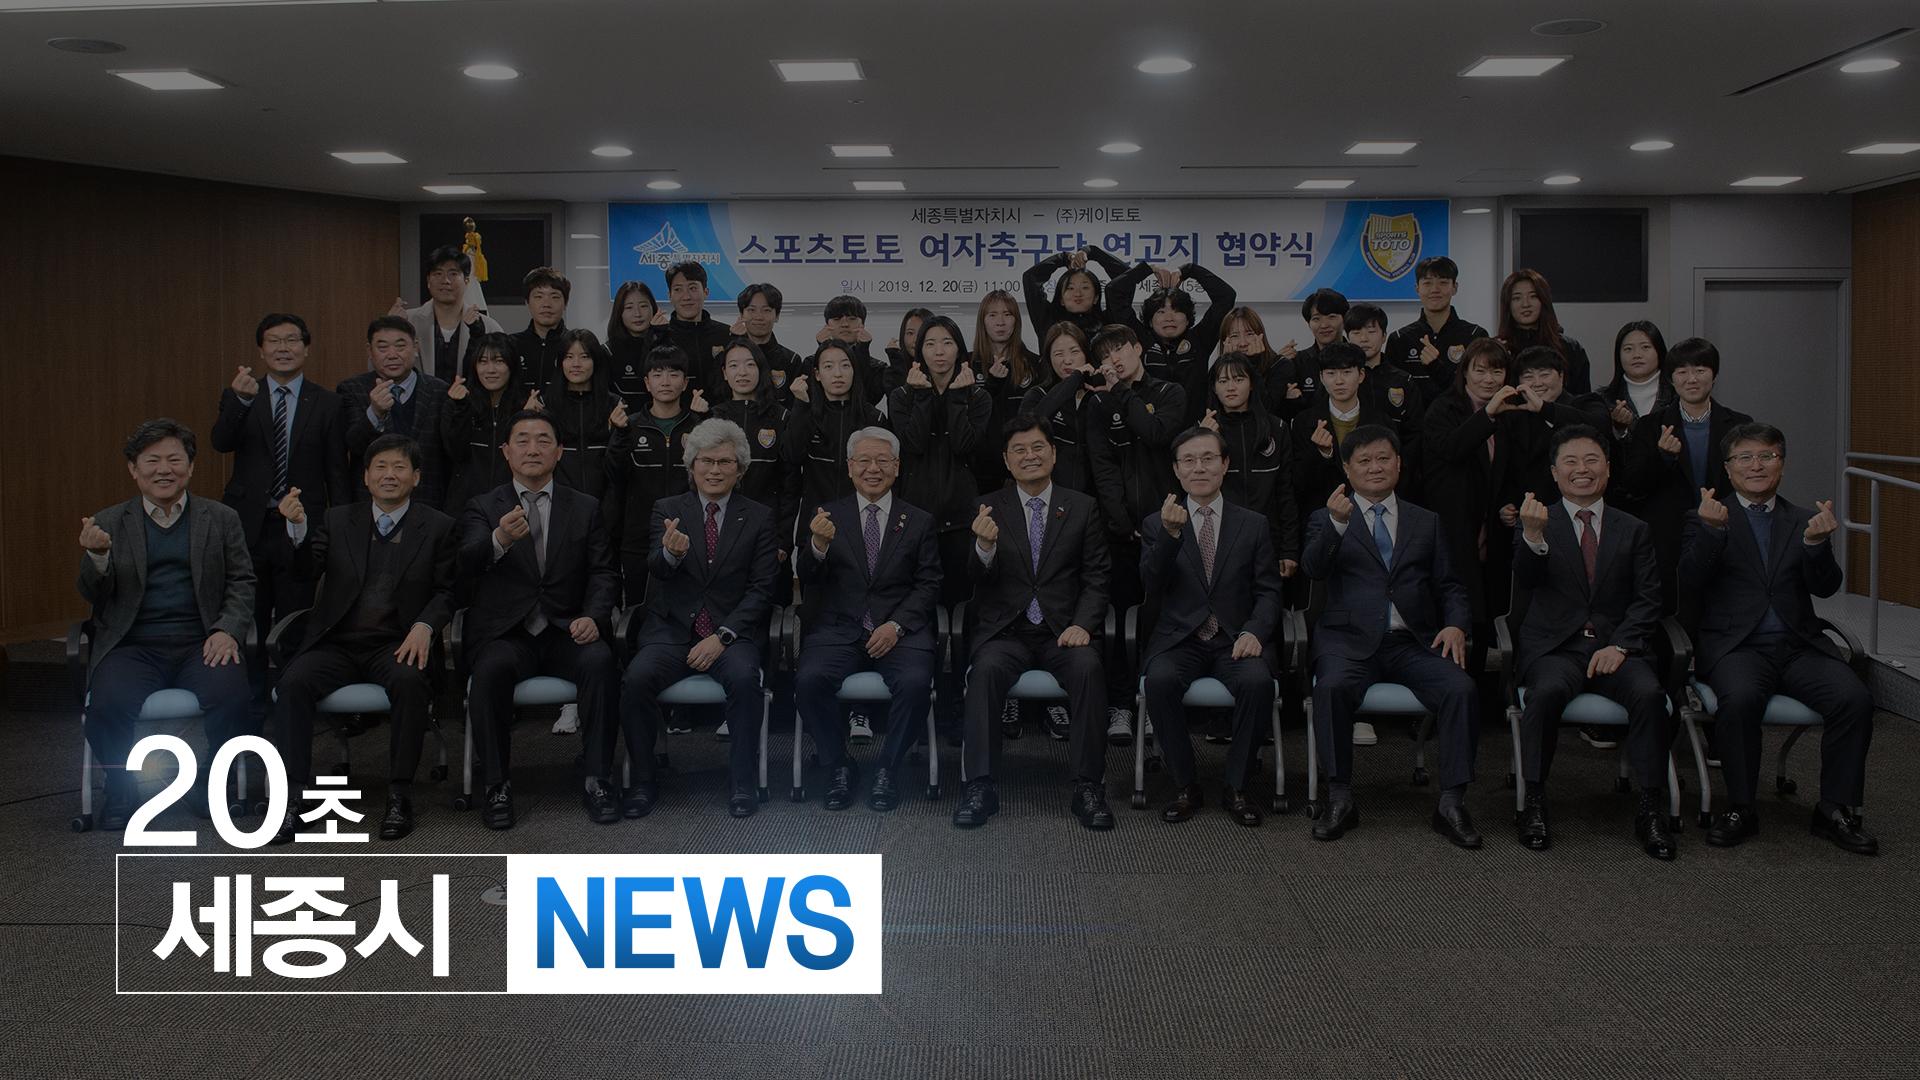 <20초뉴스> 세종시-스포츠토토 여자축구팀 연고지 협약 체결